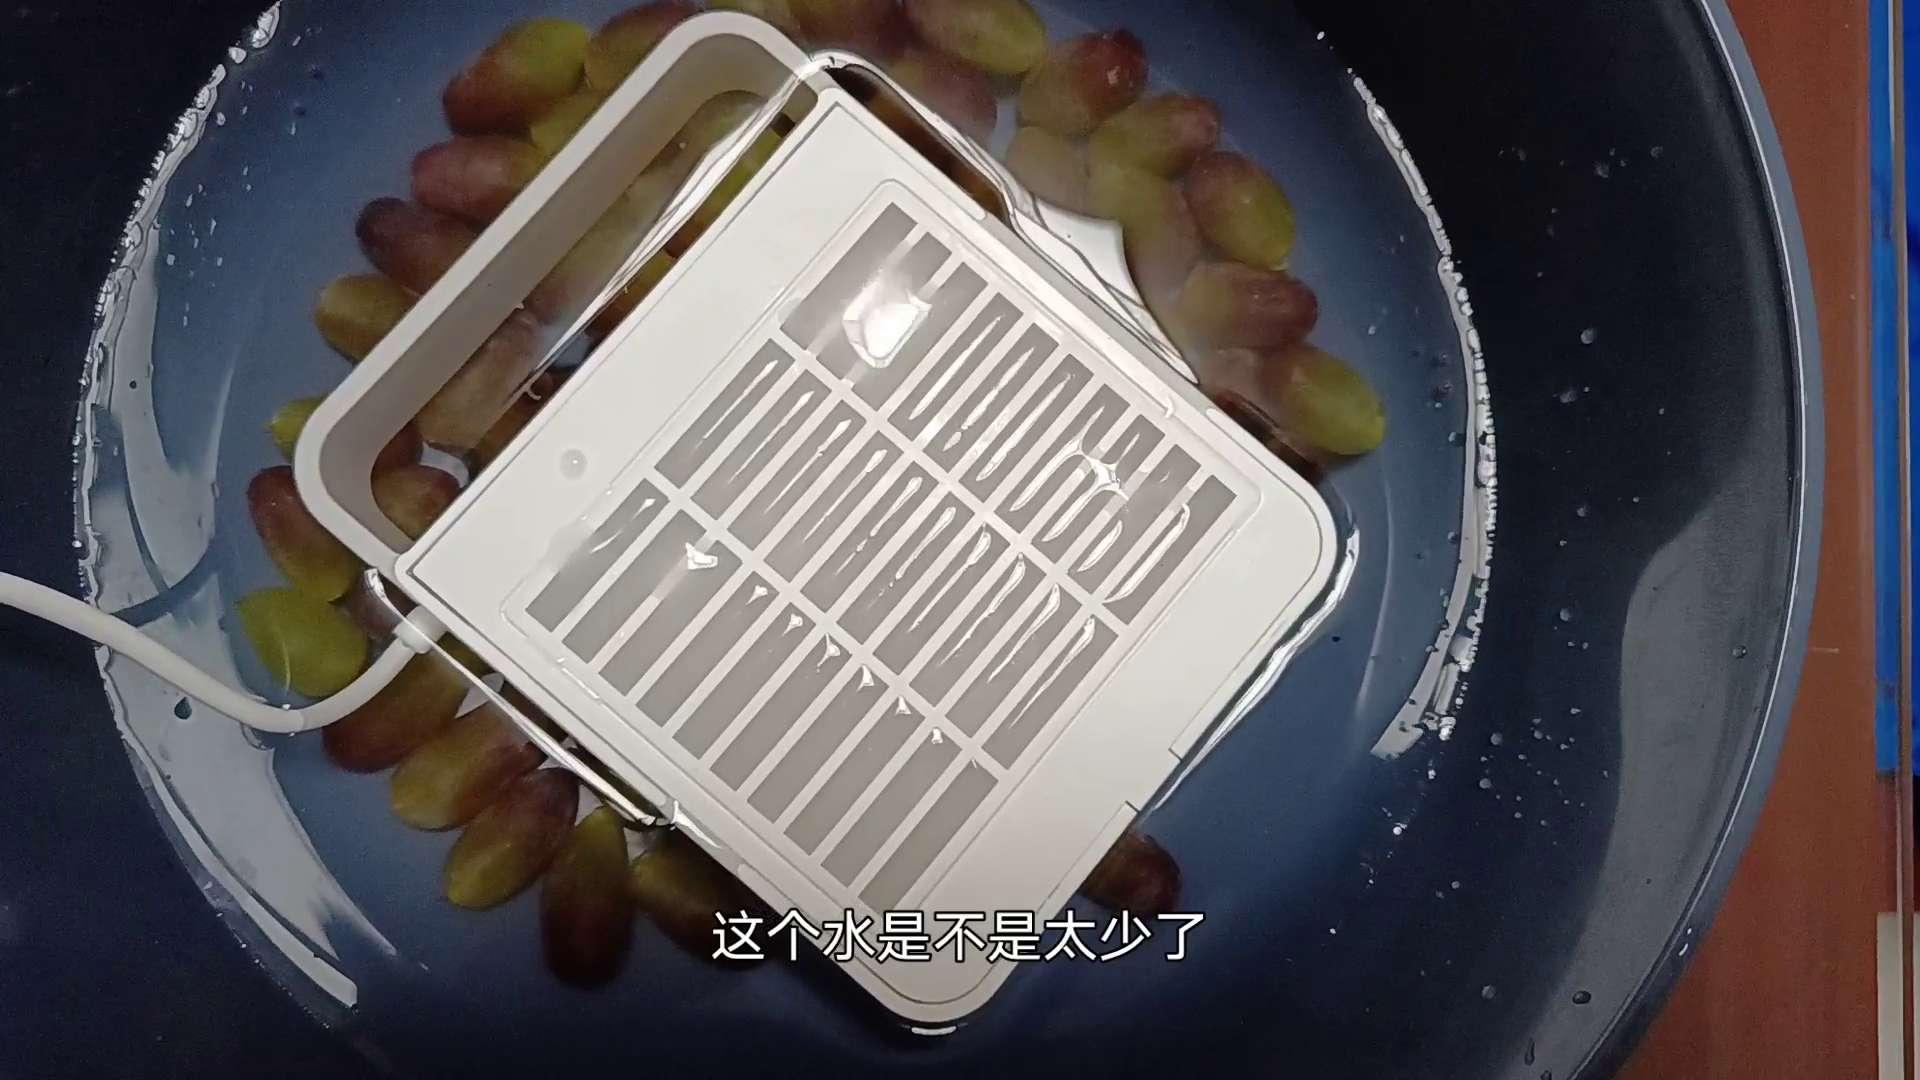 【视频】用小盾食物净化机清洗葡萄,HiLink生态产品-花粉俱乐部